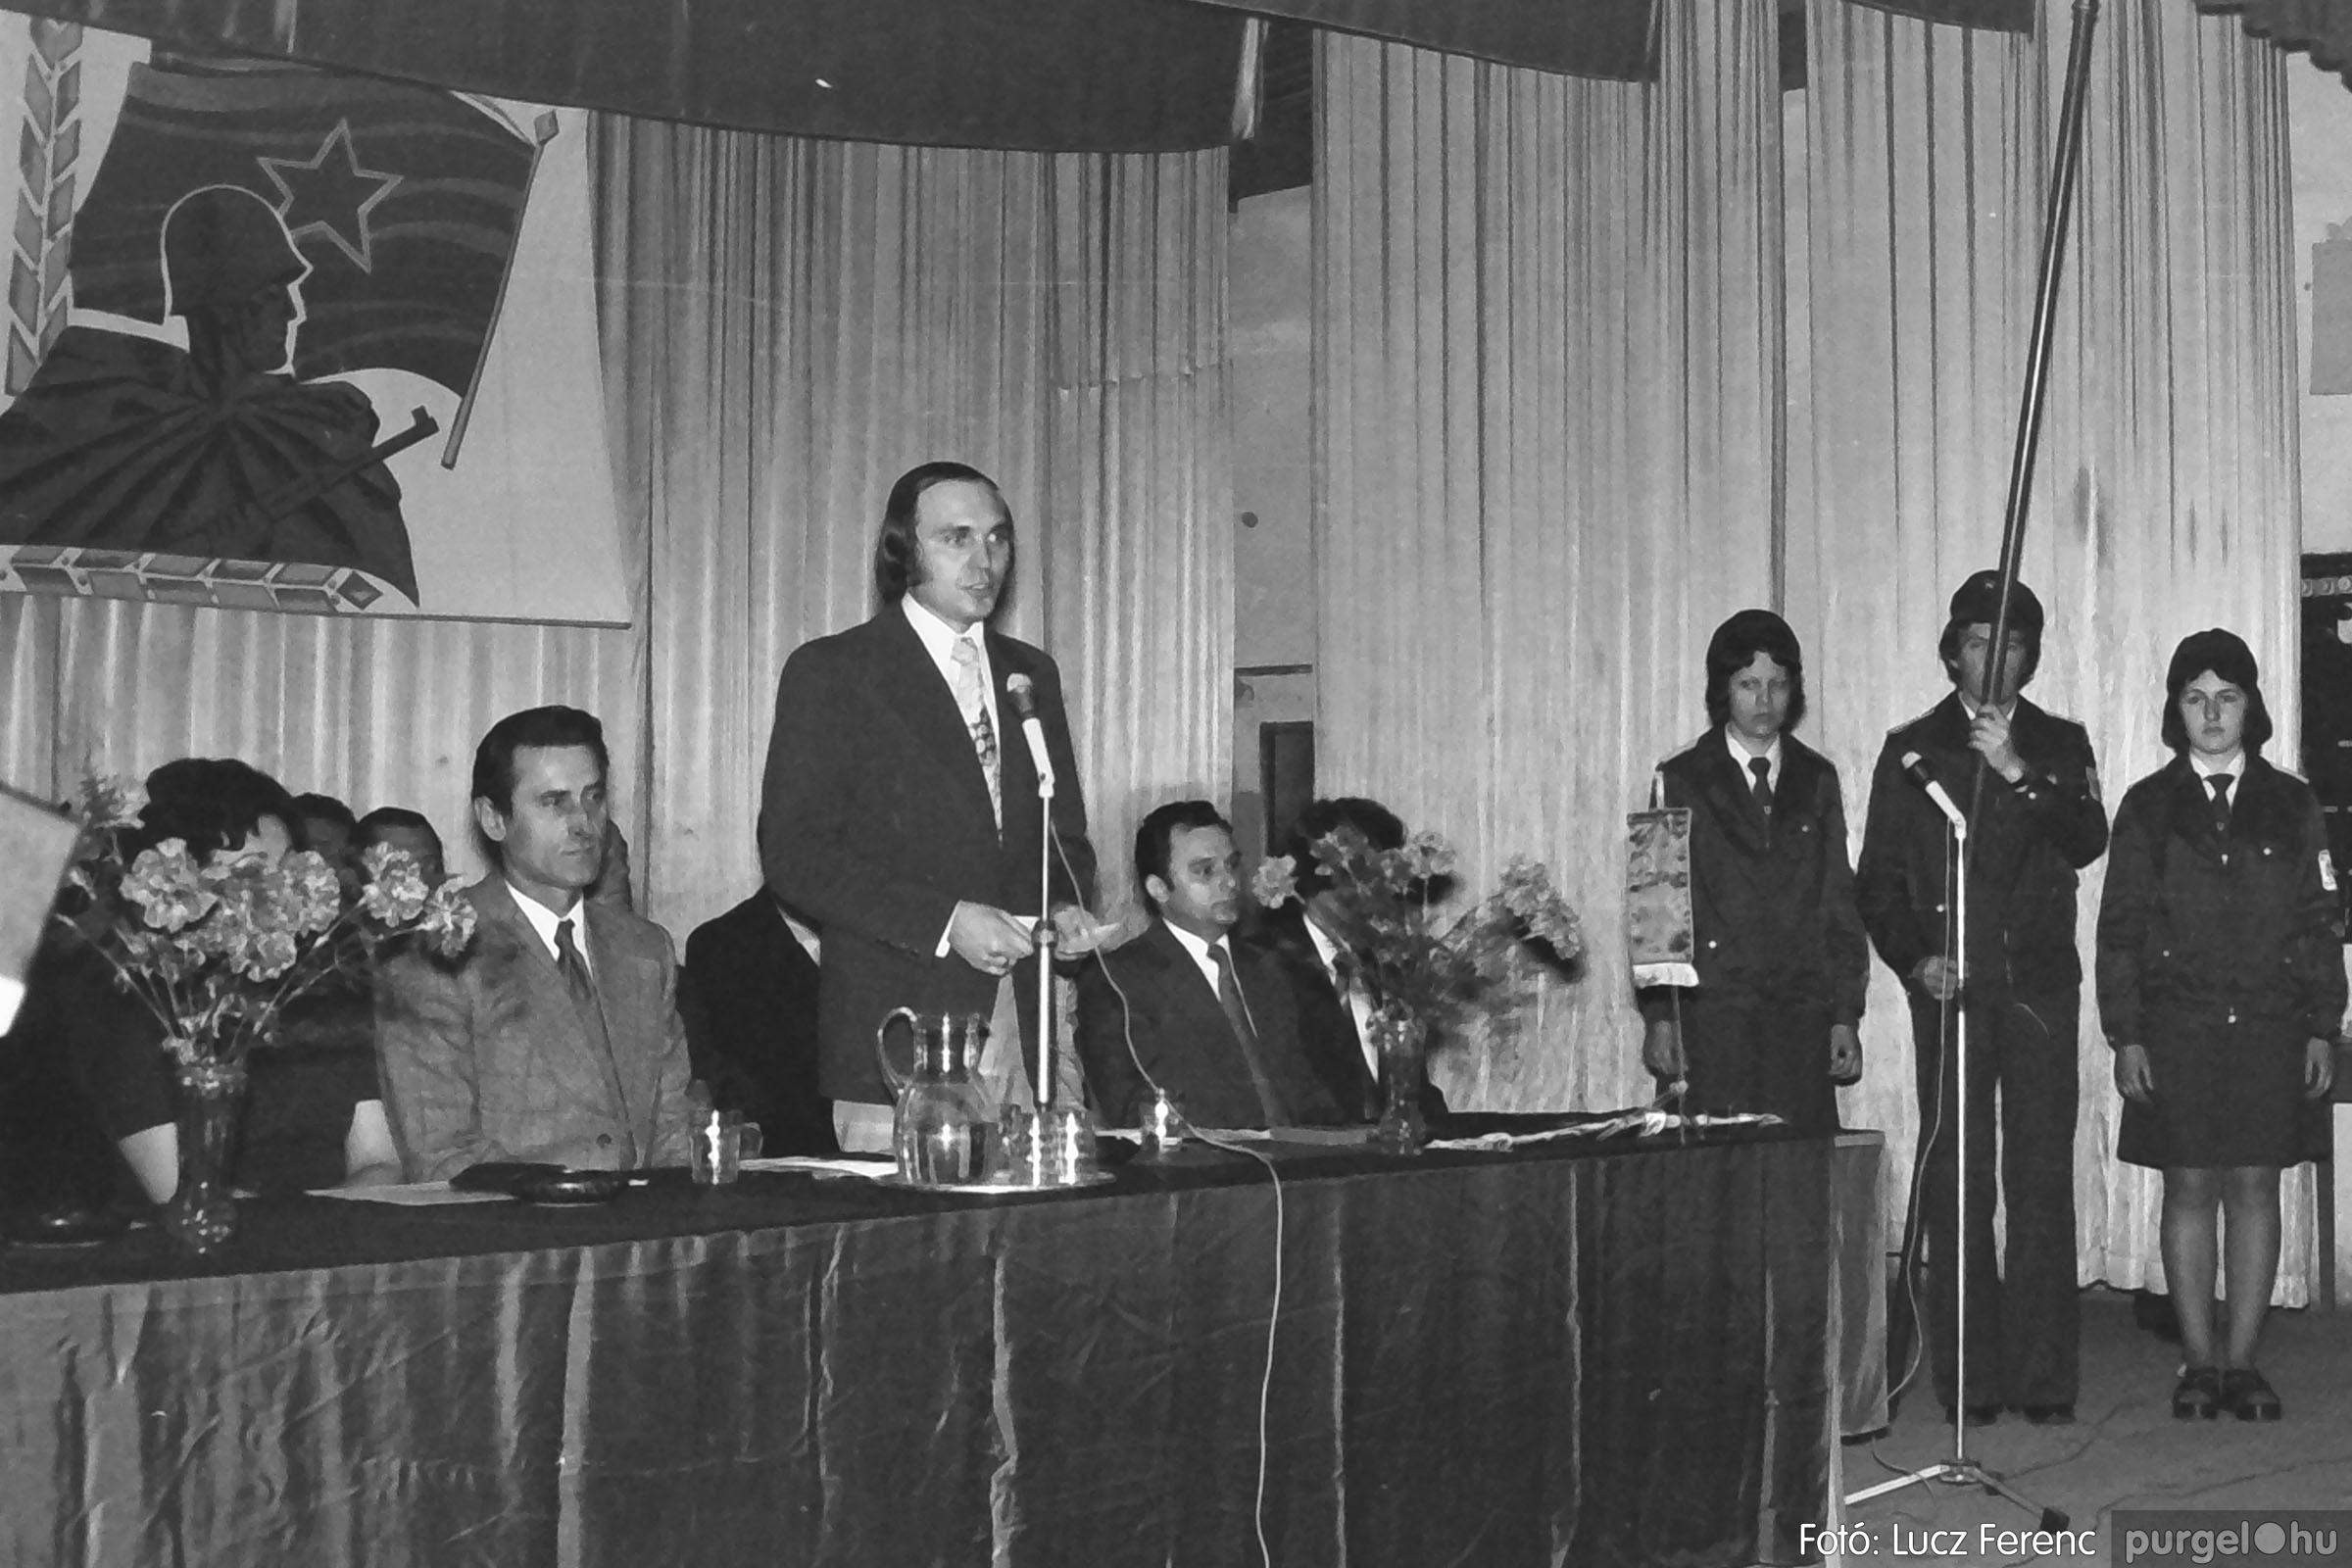 039. 1976.04.04. Április 4-i ünnepség a kultúrházban 007. - Fotó: Lucz Ferenc.jpg